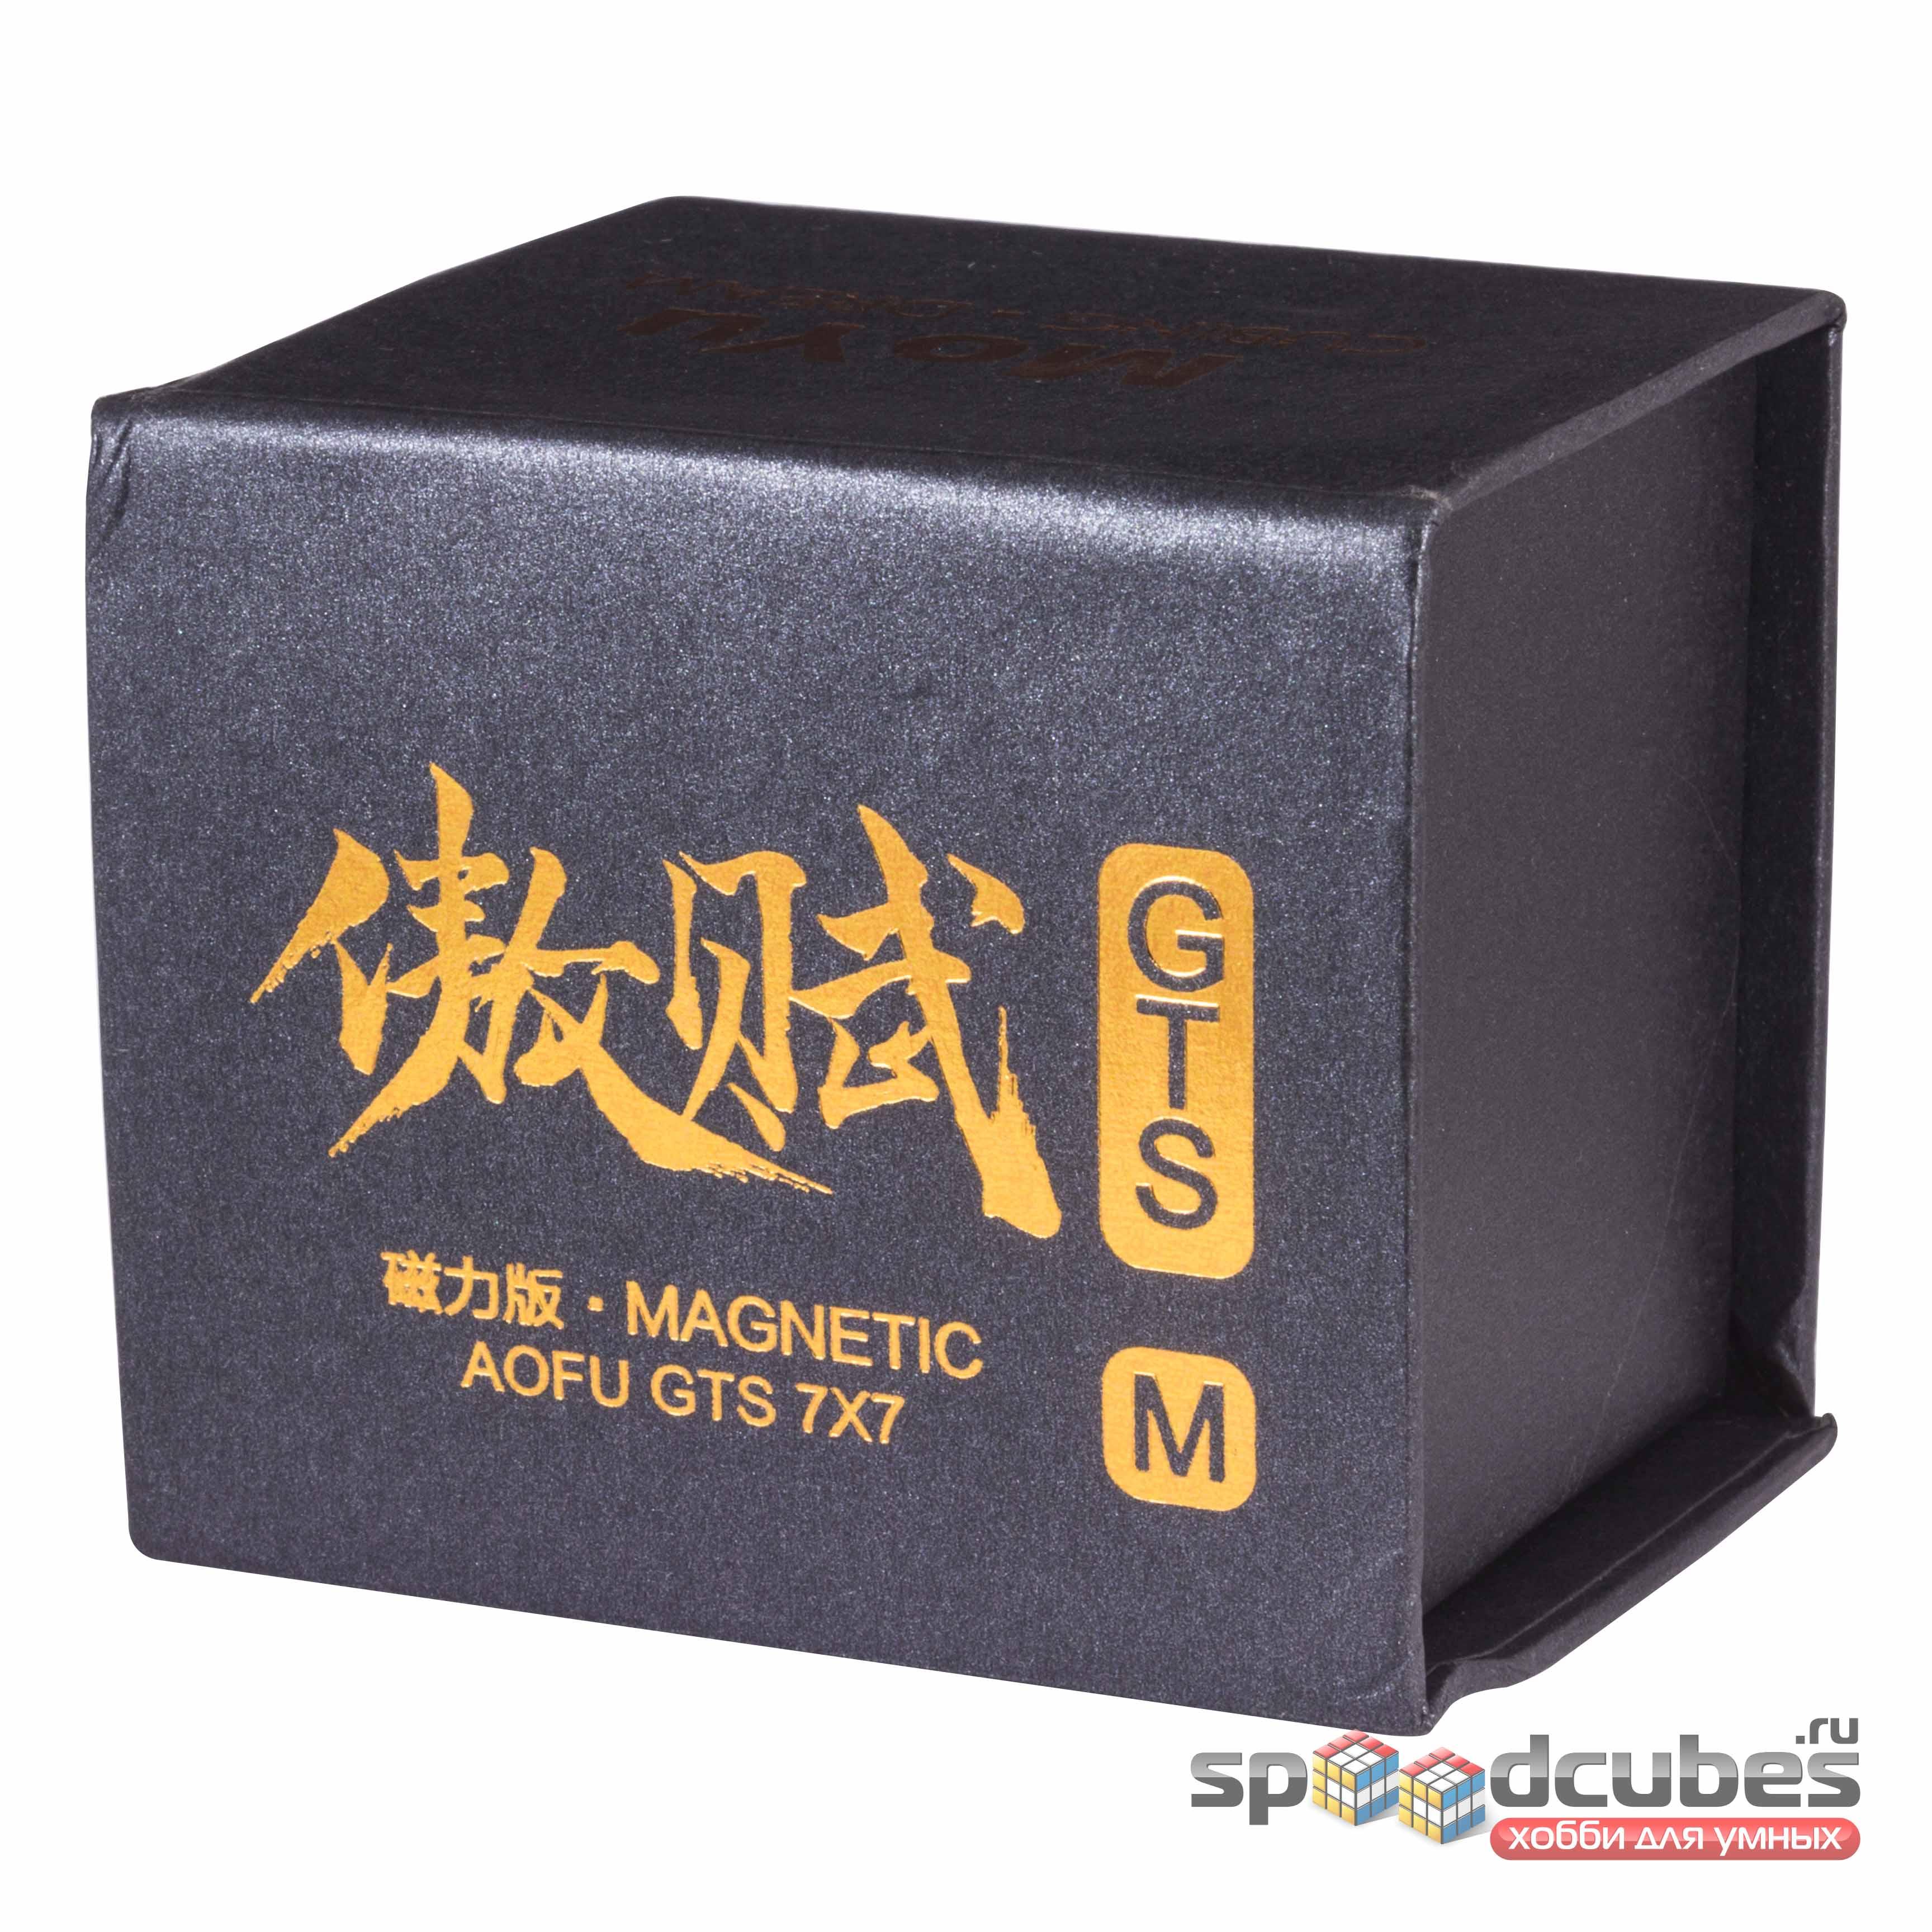 MoYu 7x7x7 Aofu GTS M 1